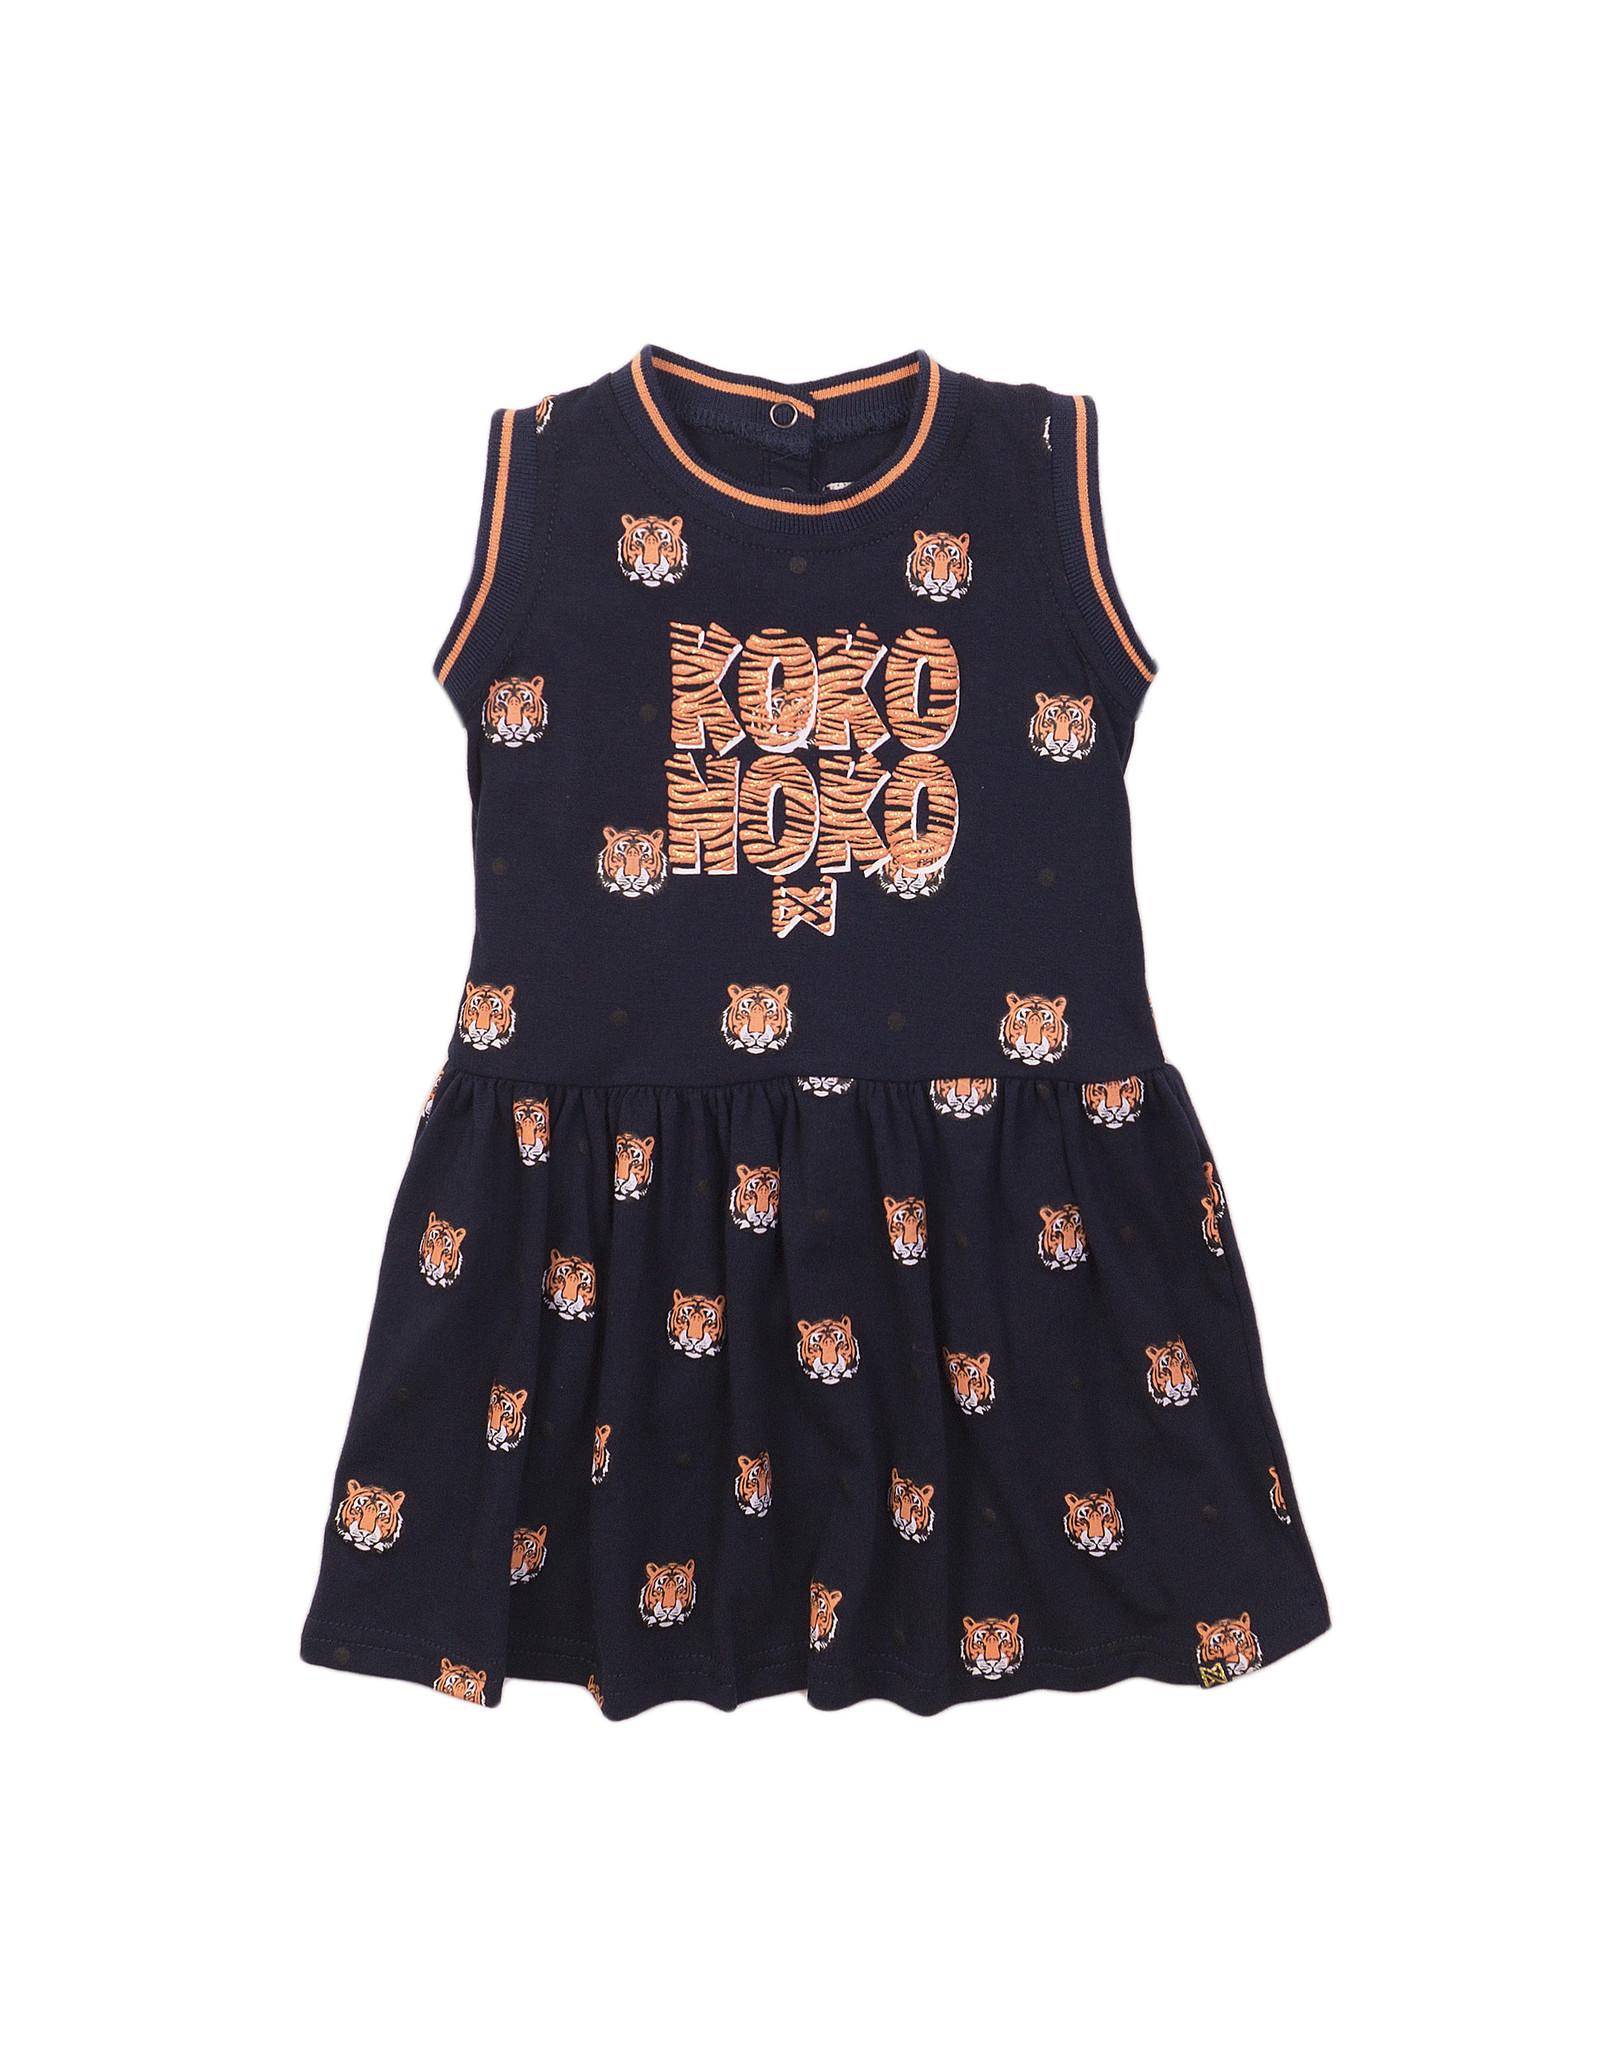 Koko Noko Koko Noko meisjes jurk Tigers Navy